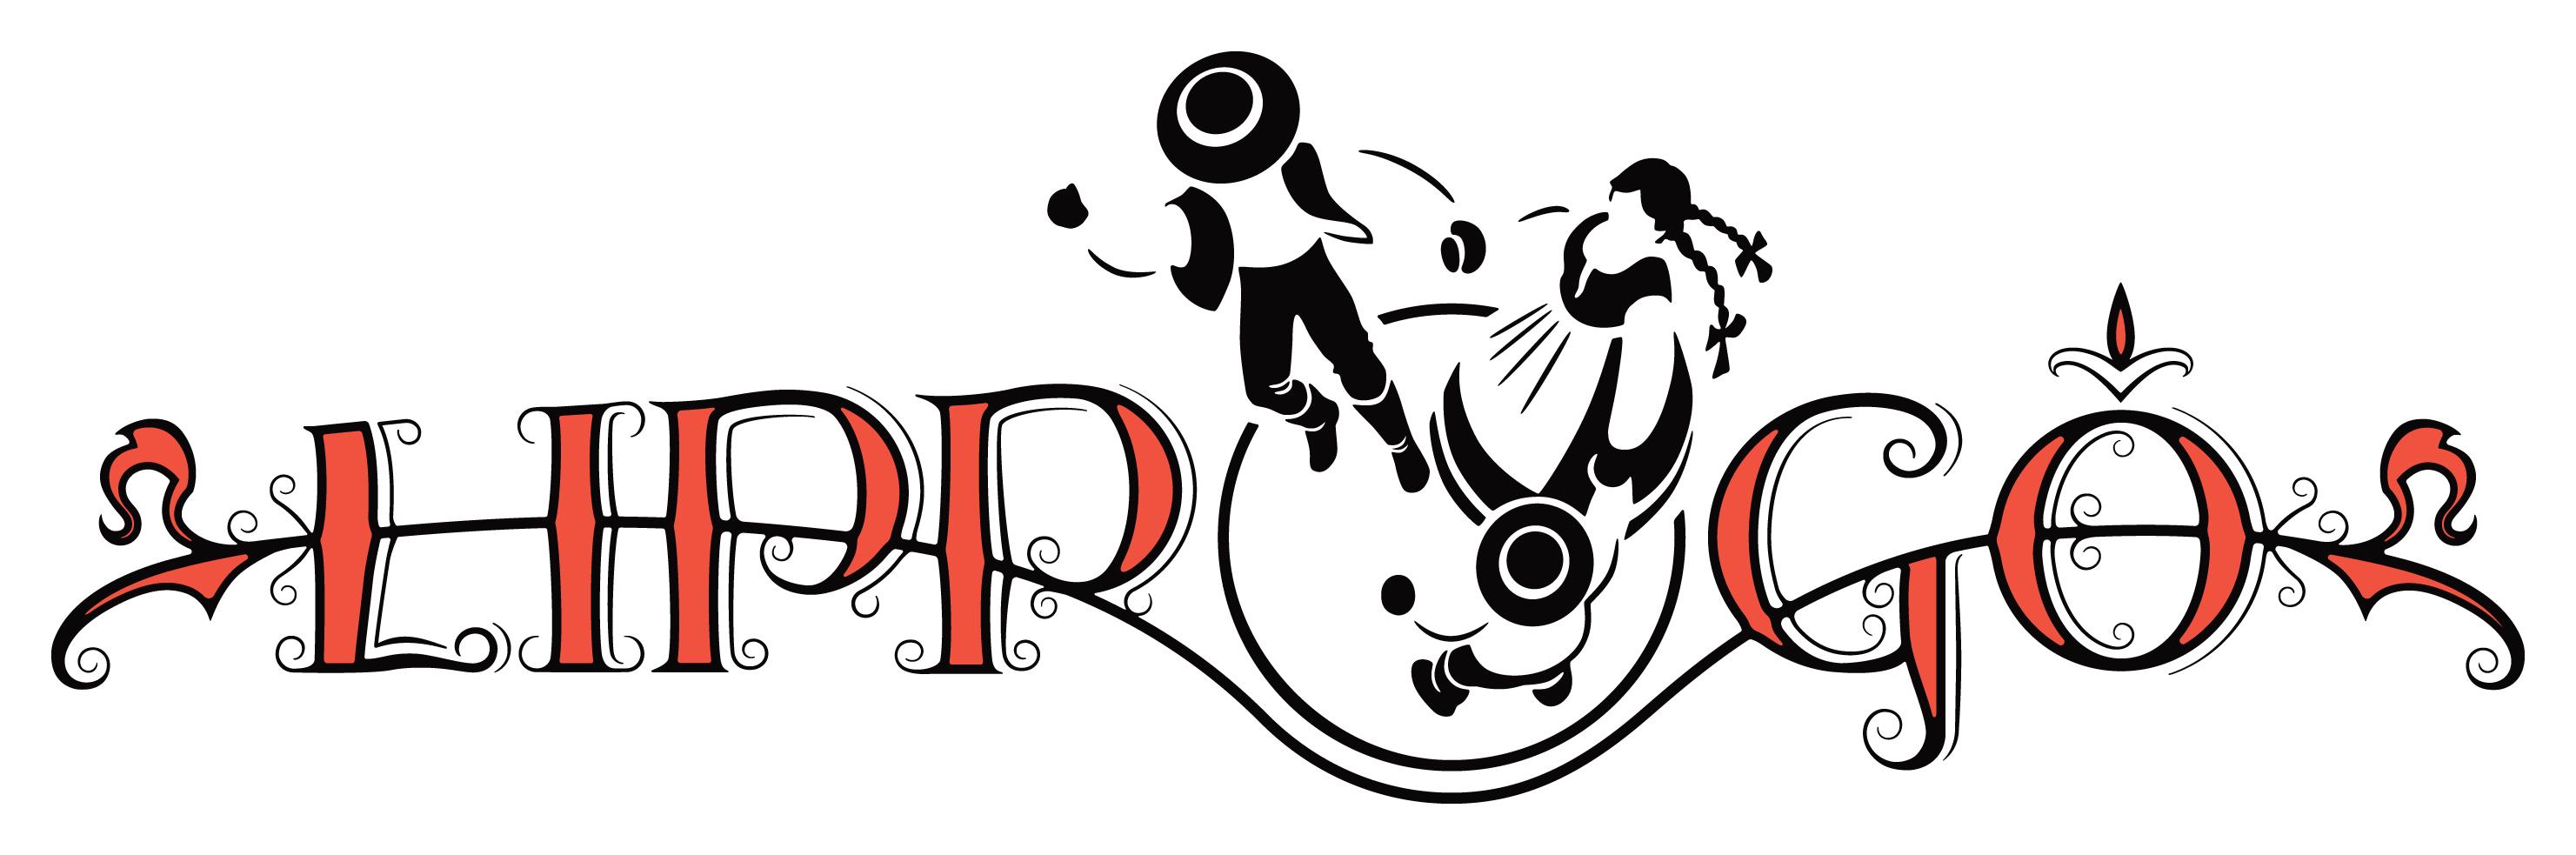 logo_final_1.jpg